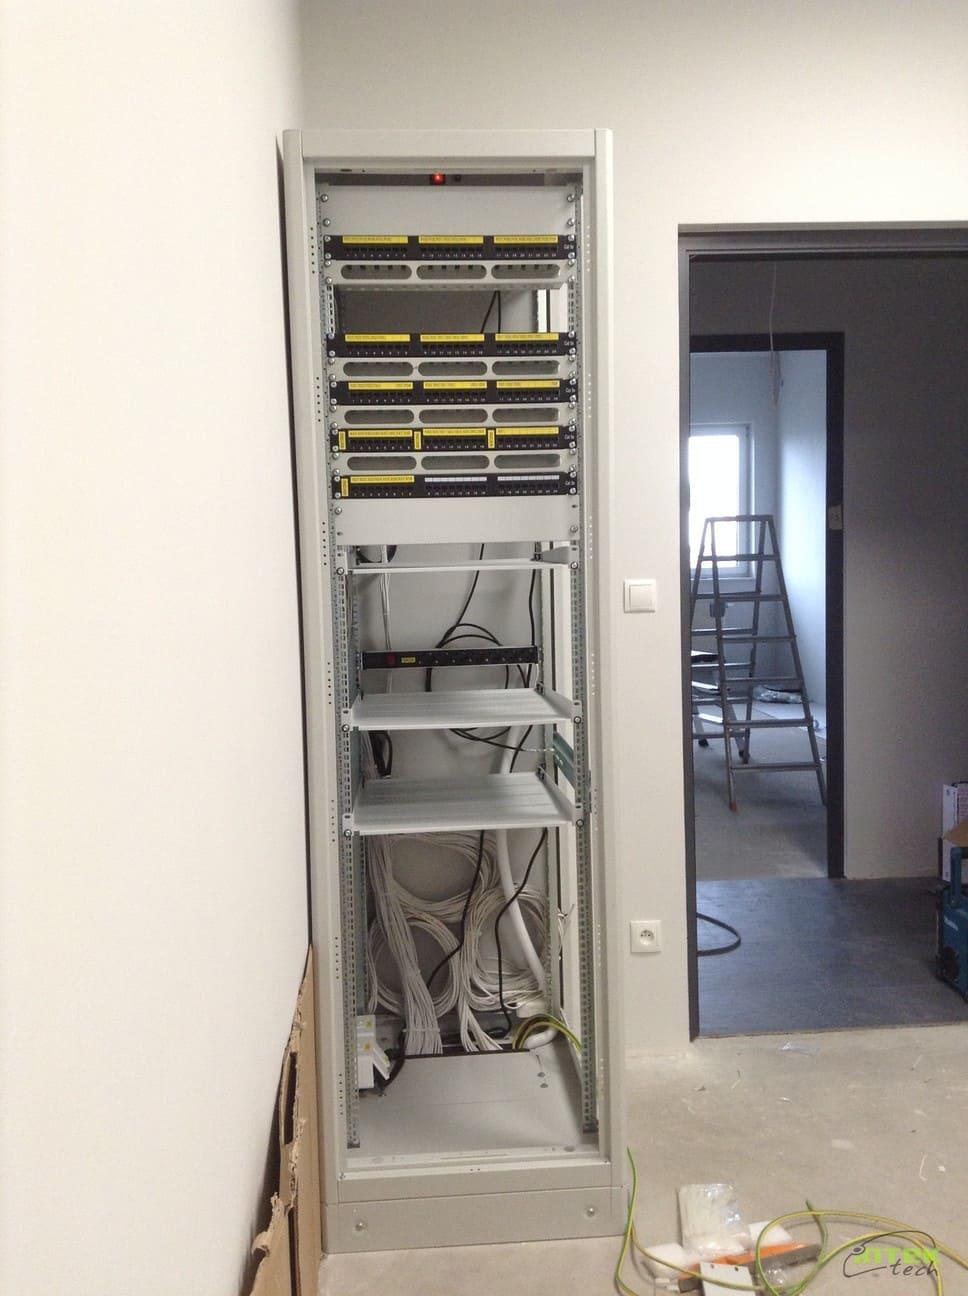 instalacja teletechniczna - montaż